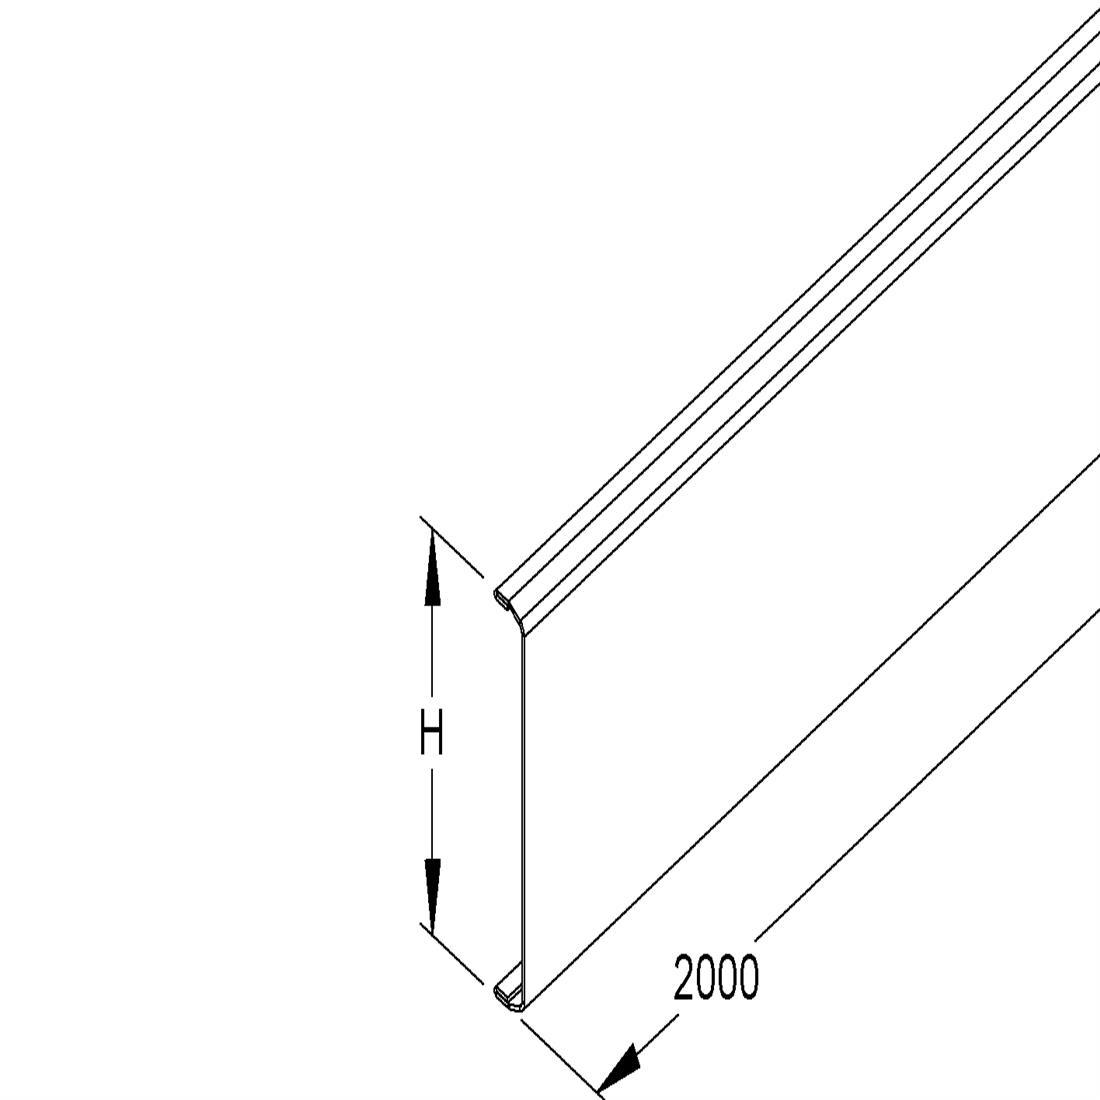 Niedax Kleinhuis GDS deksel wandgoot 78 mm - zuiver wit per 2 meter (132711)